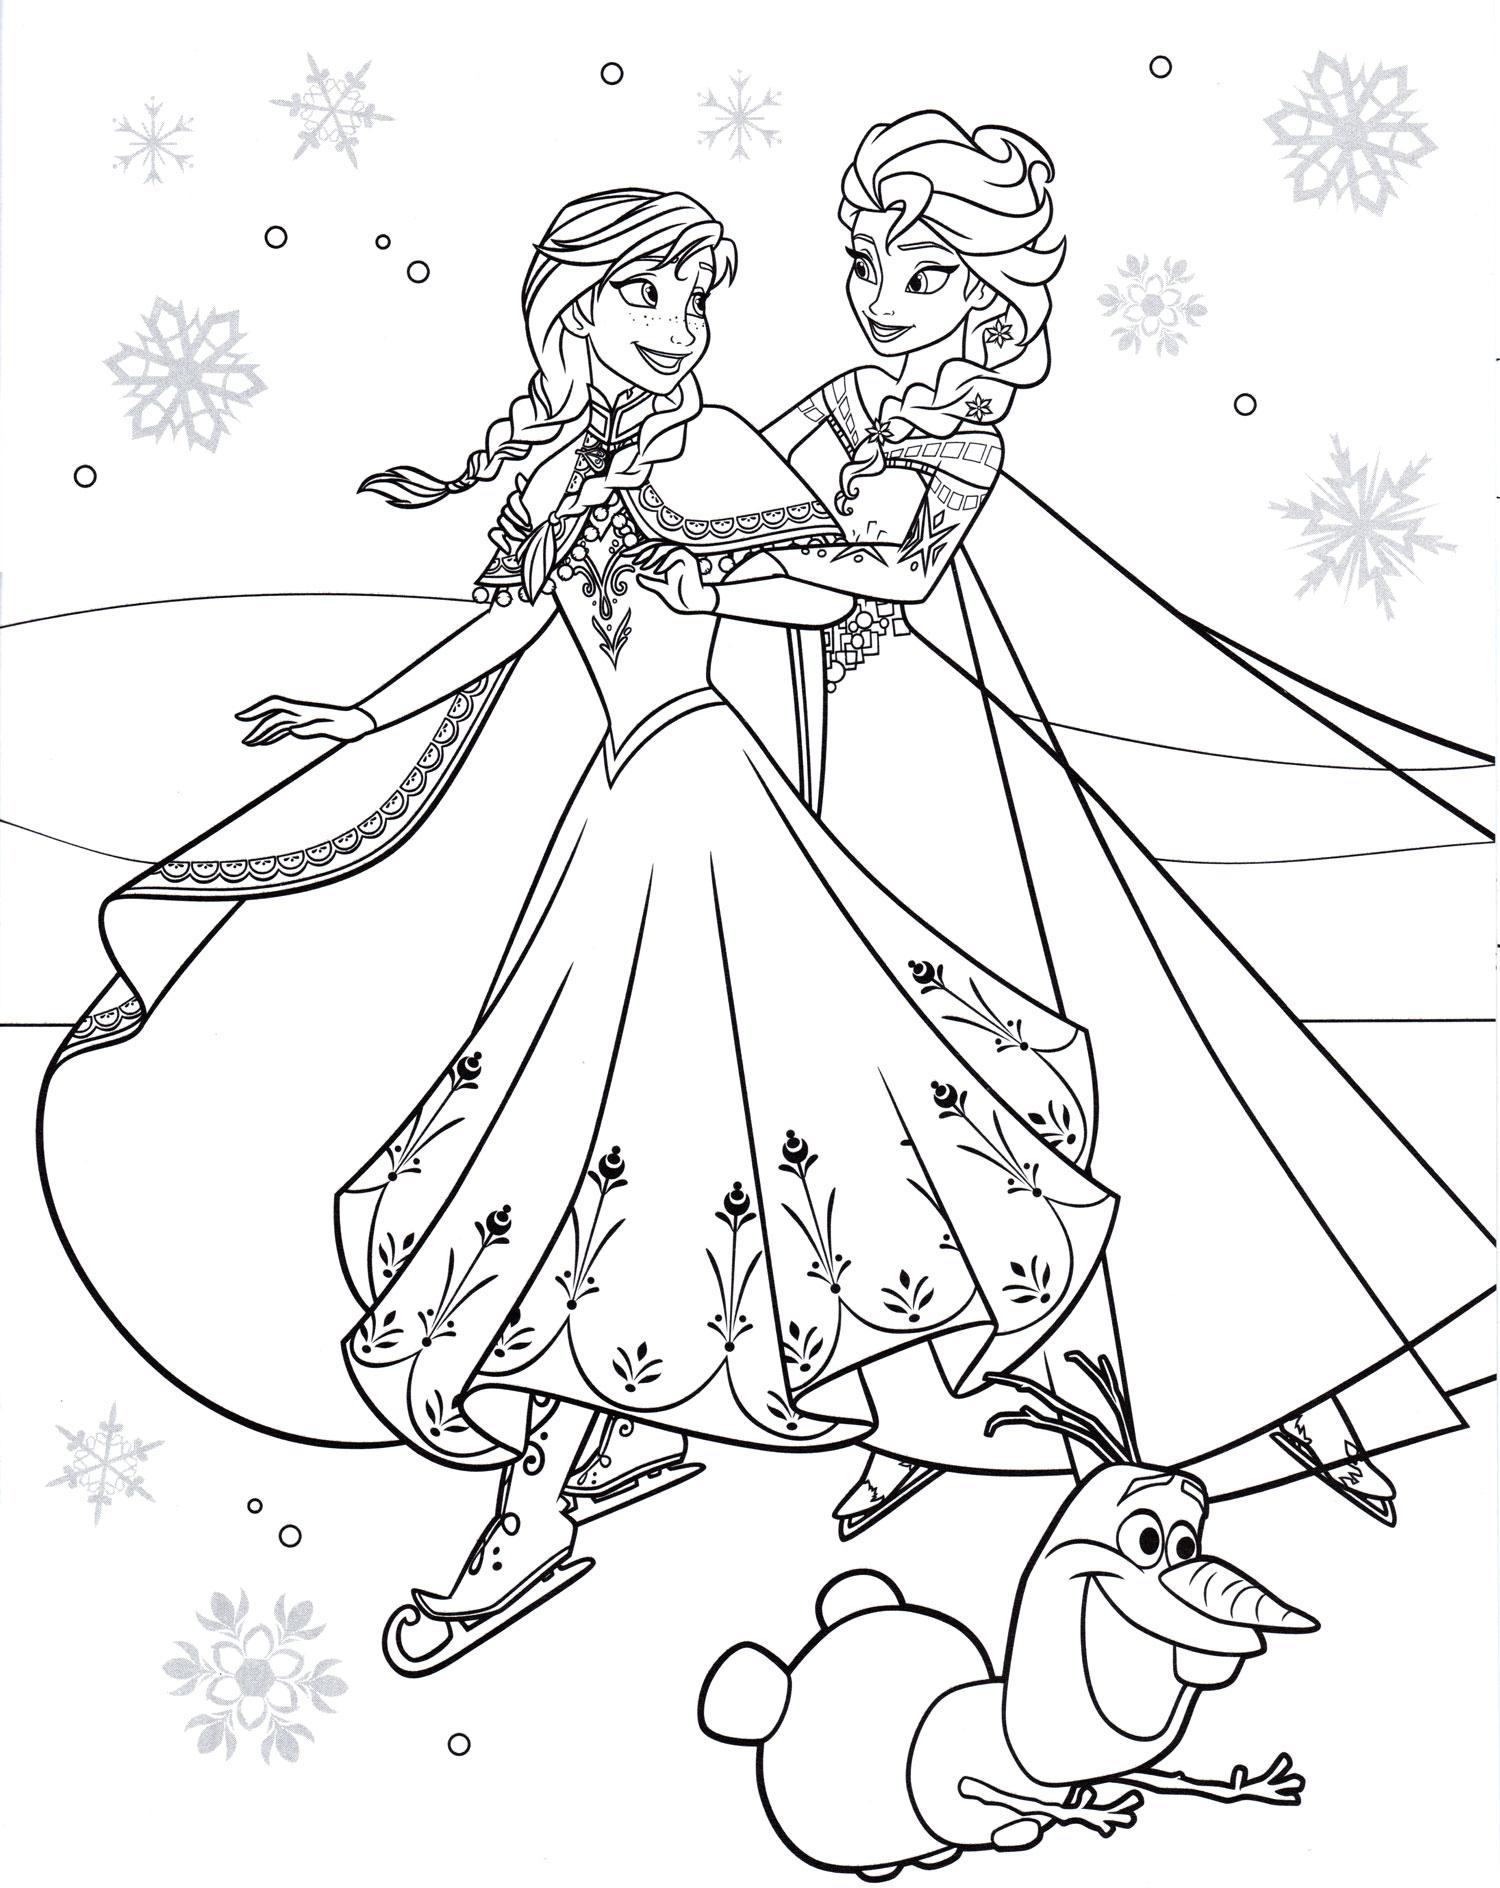 Раскраска Эльза и Анна на коньках | Раскраски Холодное сердце